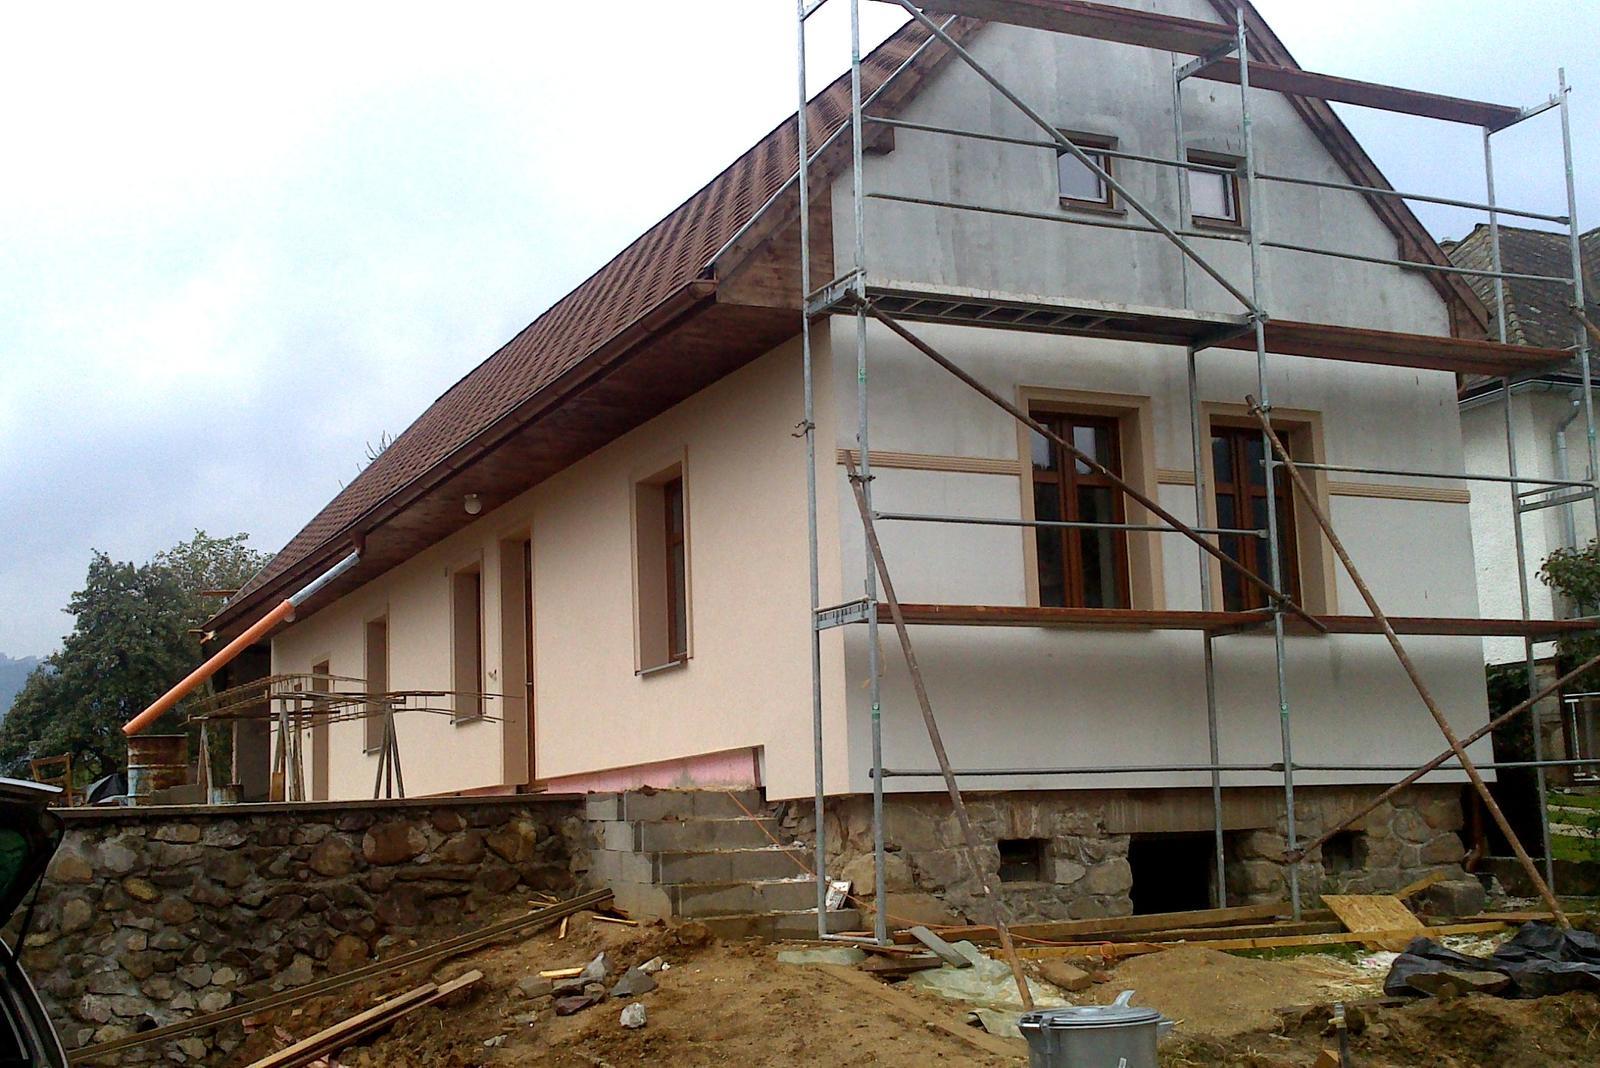 Rekonštrukcia domčeka z roku 1937 - Zatepľovací systém je Baumit Open (polystyrén s tými dierkami) o hrúbke 18 cm, omietky sme dávali s nízkym difúznym odporom - pre istotu (starý dom).